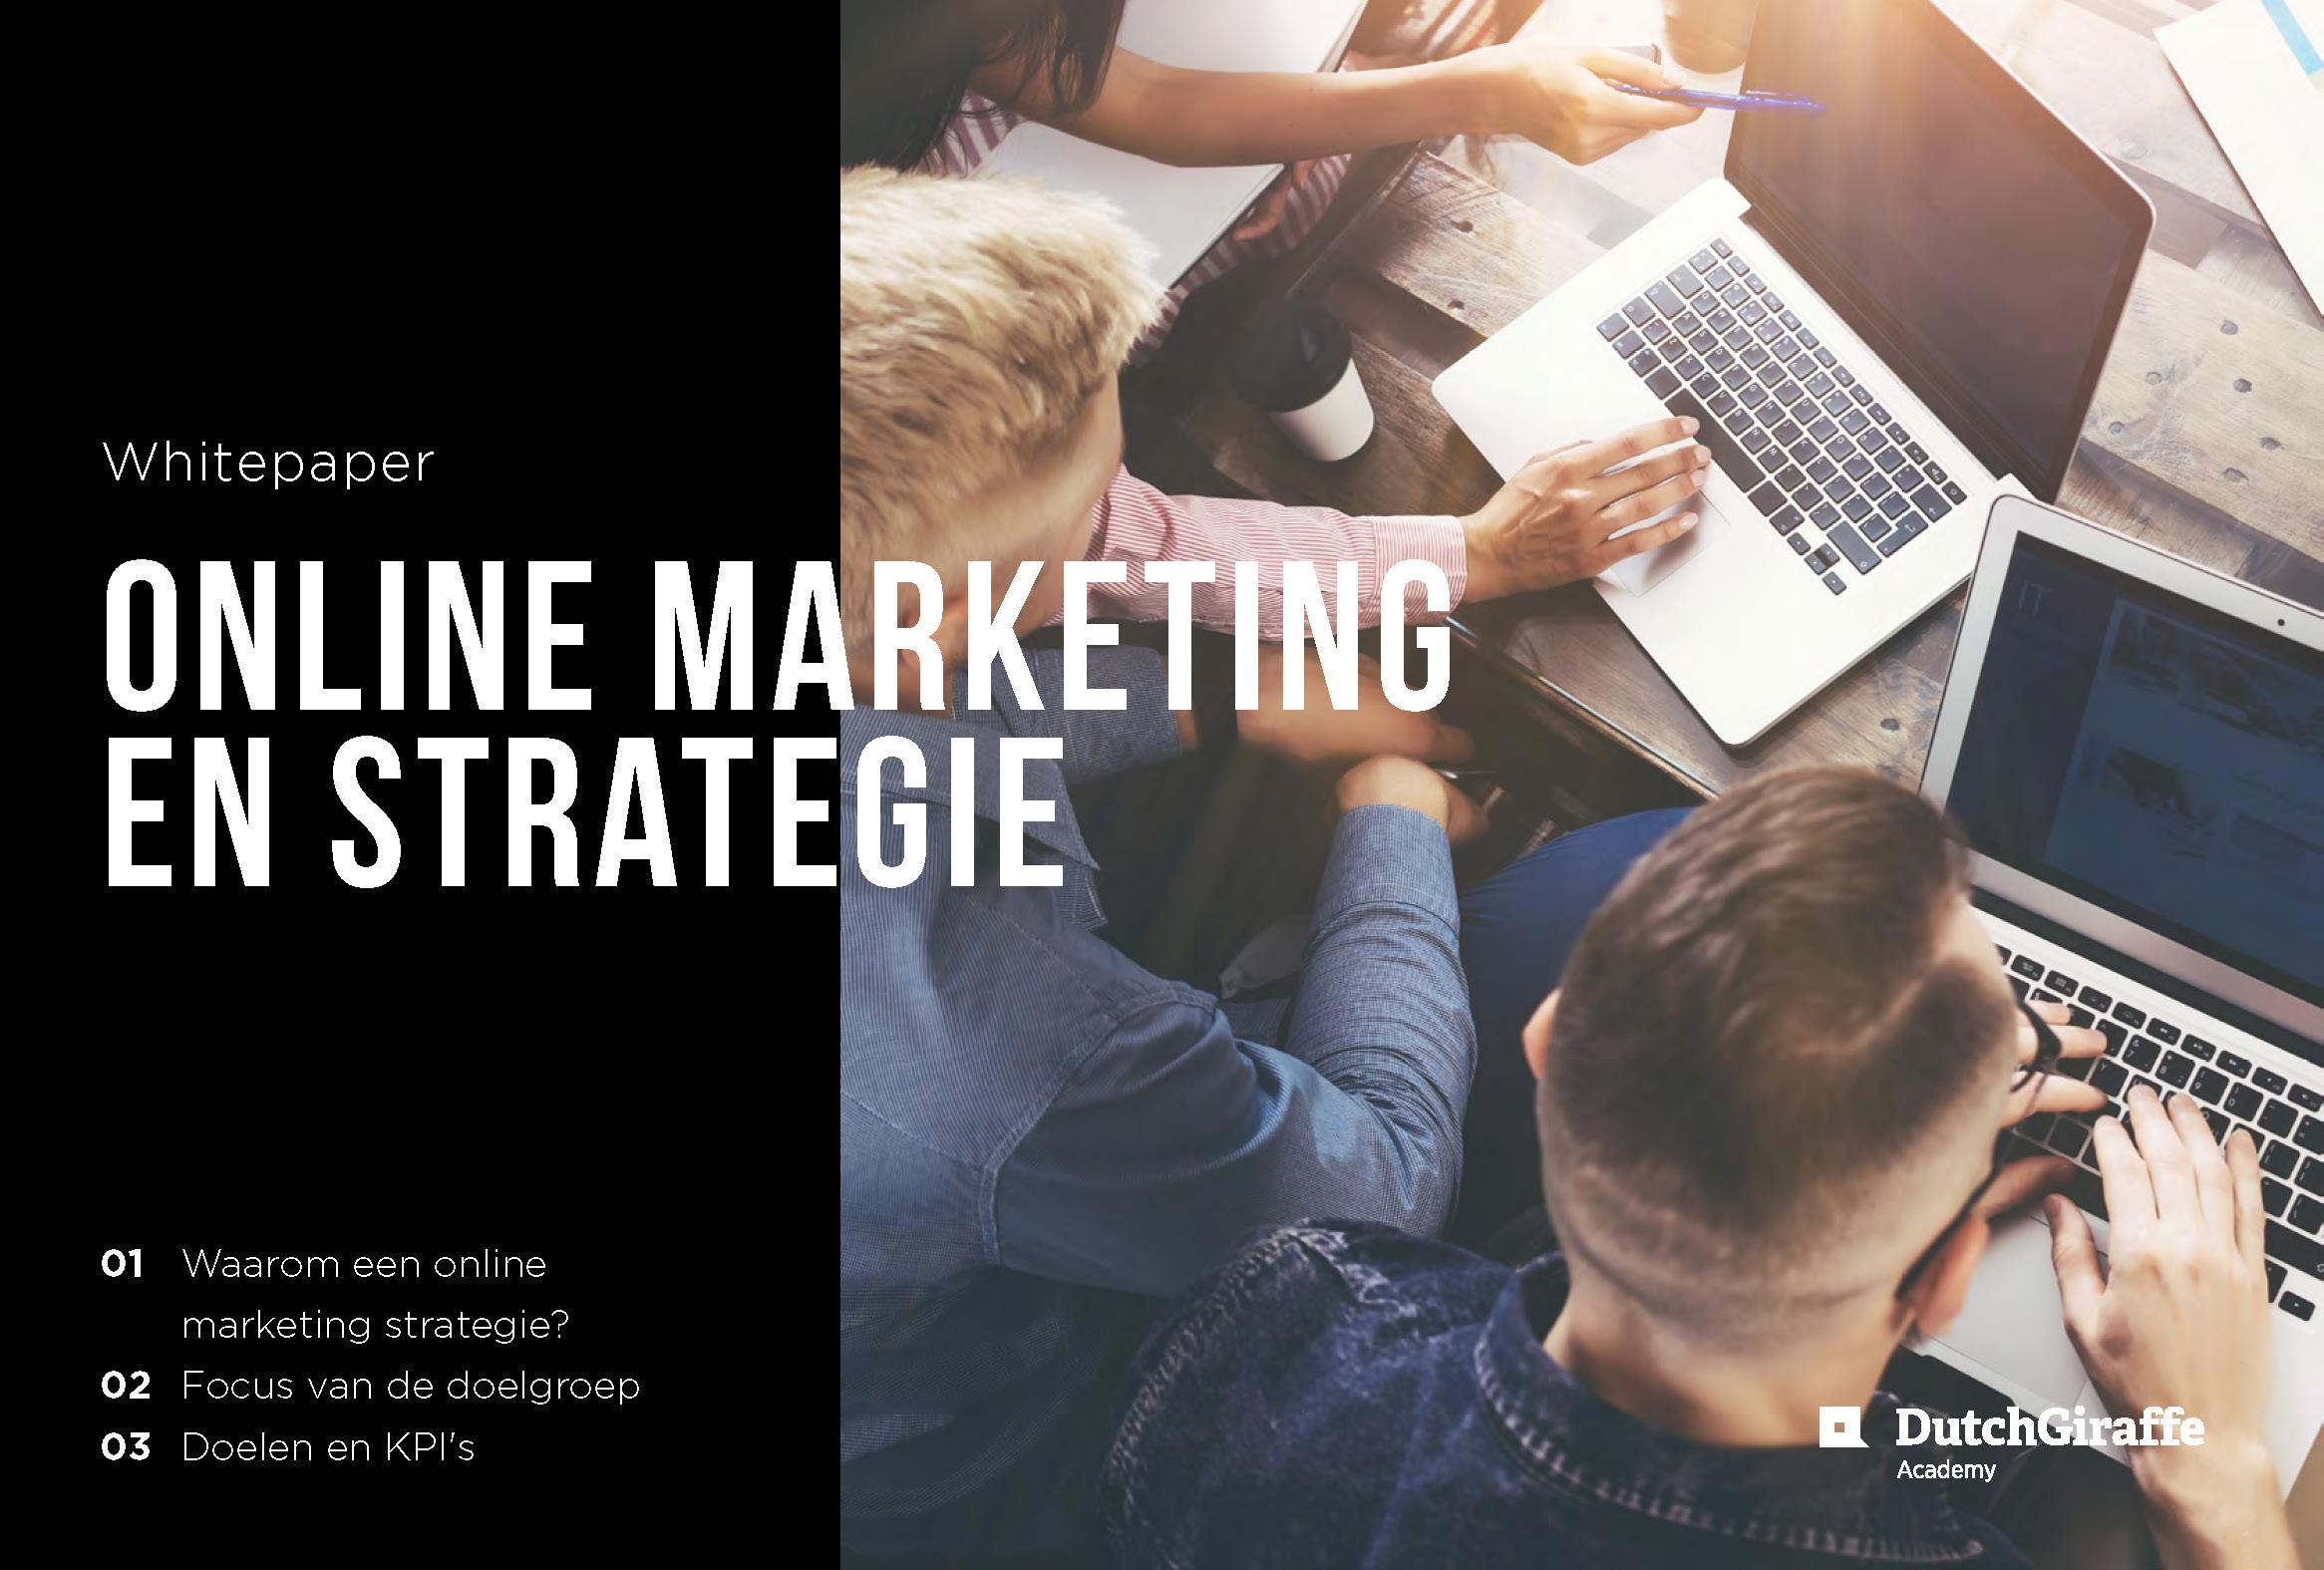 Whitepaper online marketing strategie – Dutchgiraffe | Digital Creatives